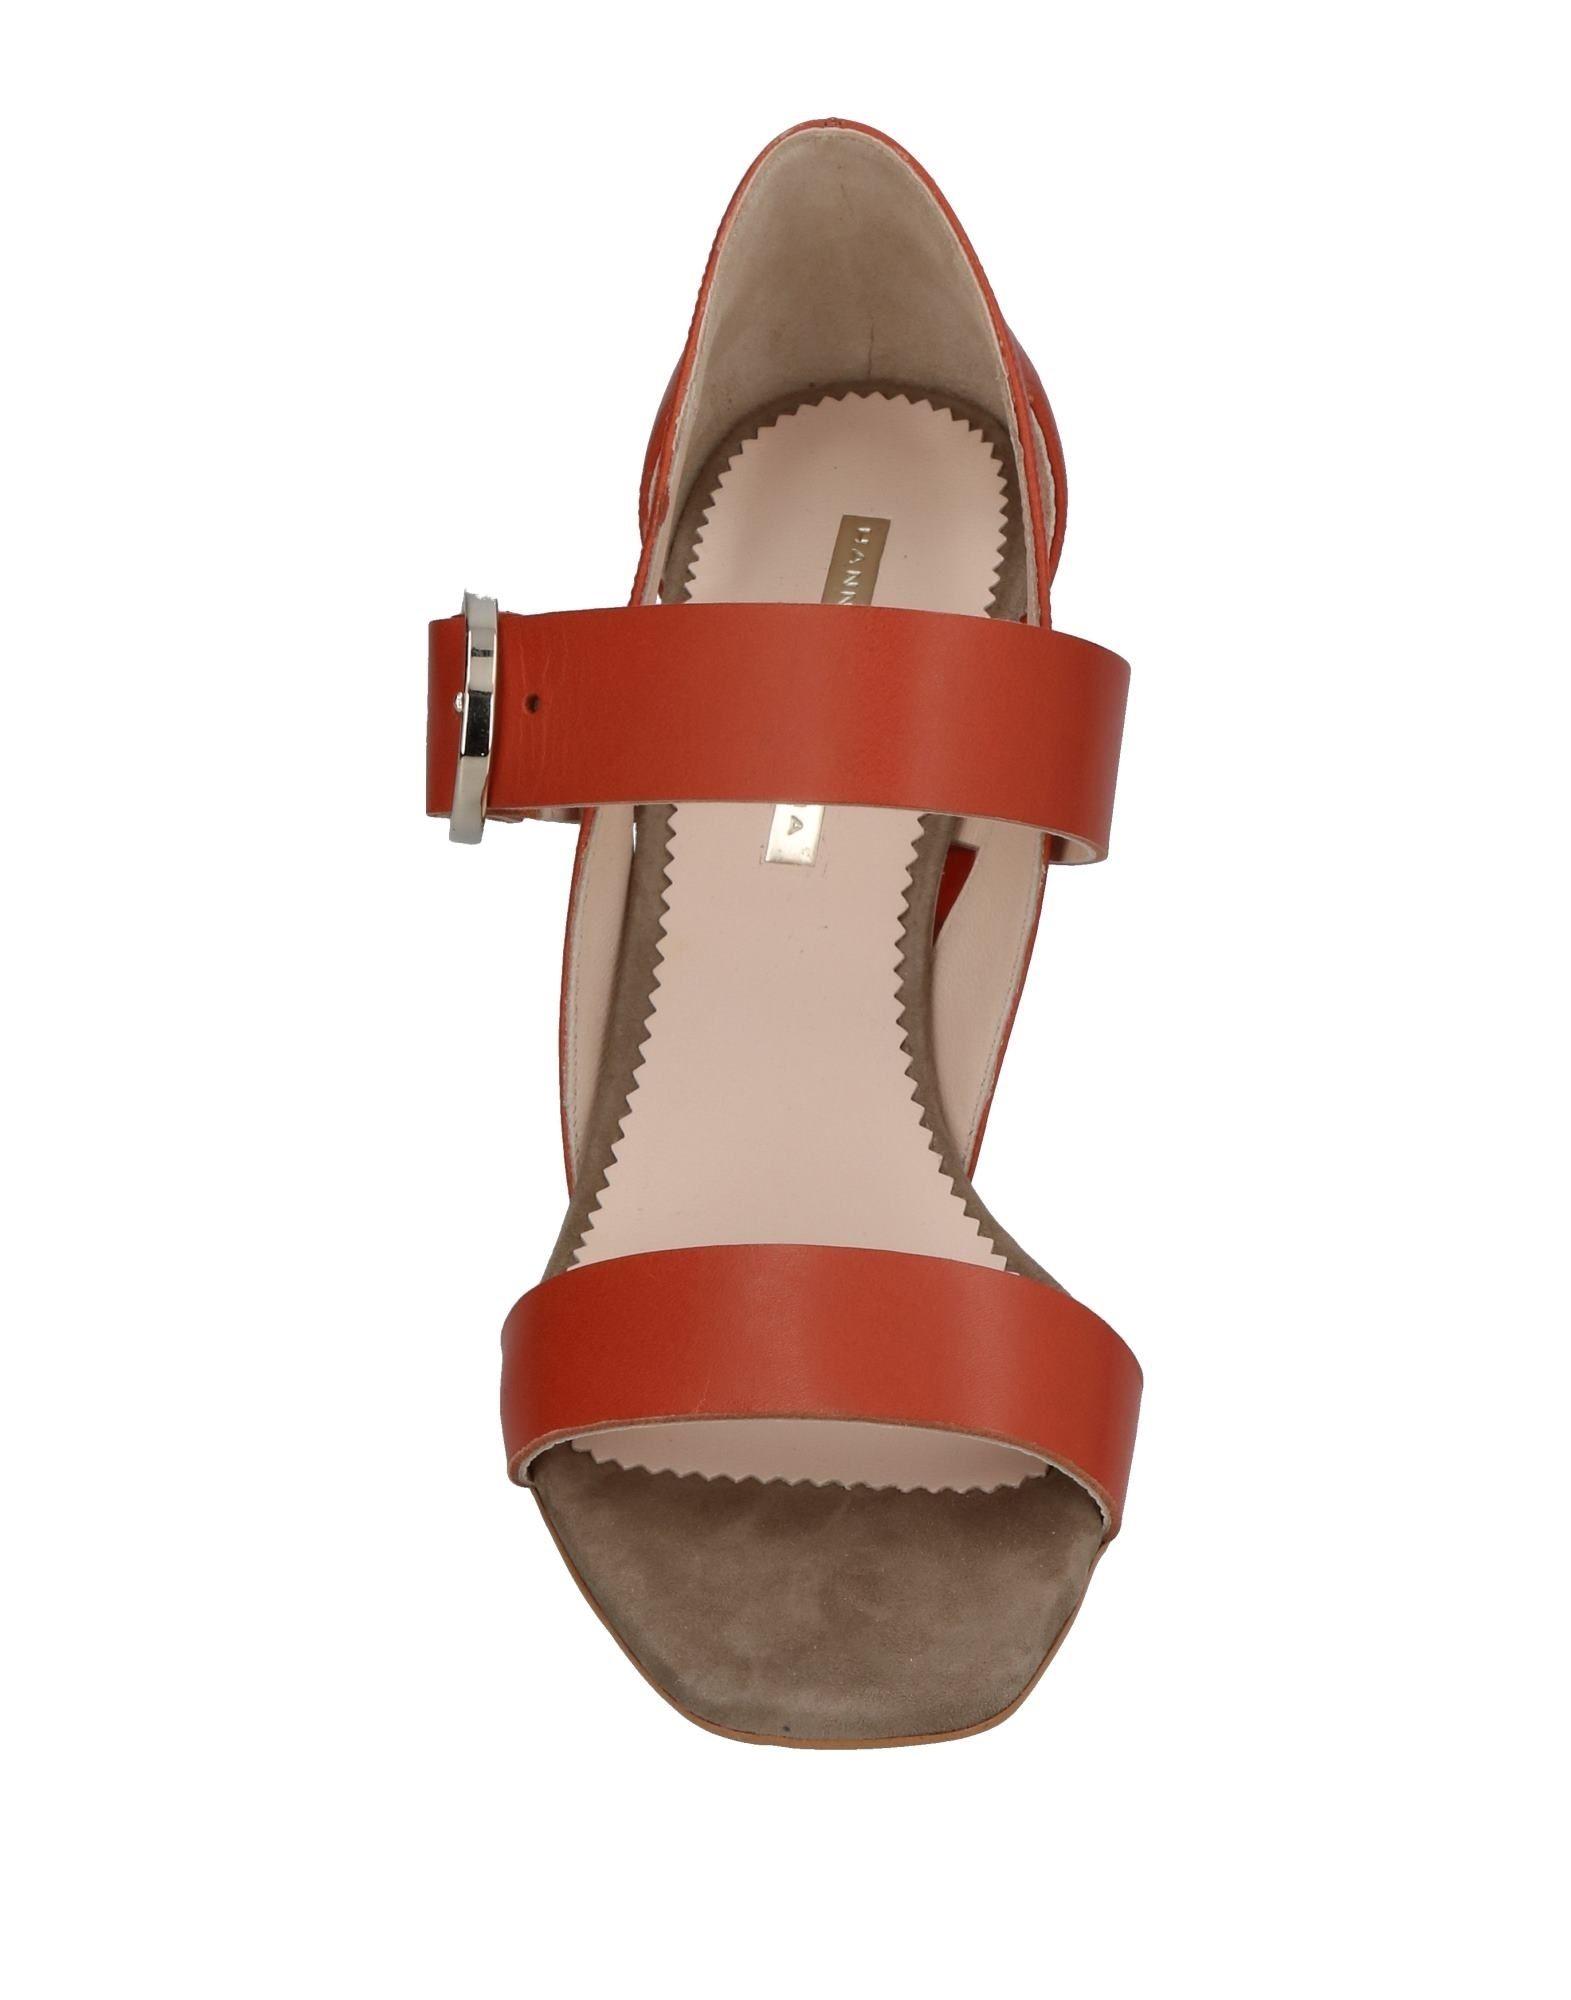 Hannibal Laguna Sandalen Damen  11404407WO Gute Qualität beliebte beliebte Qualität Schuhe f303d5